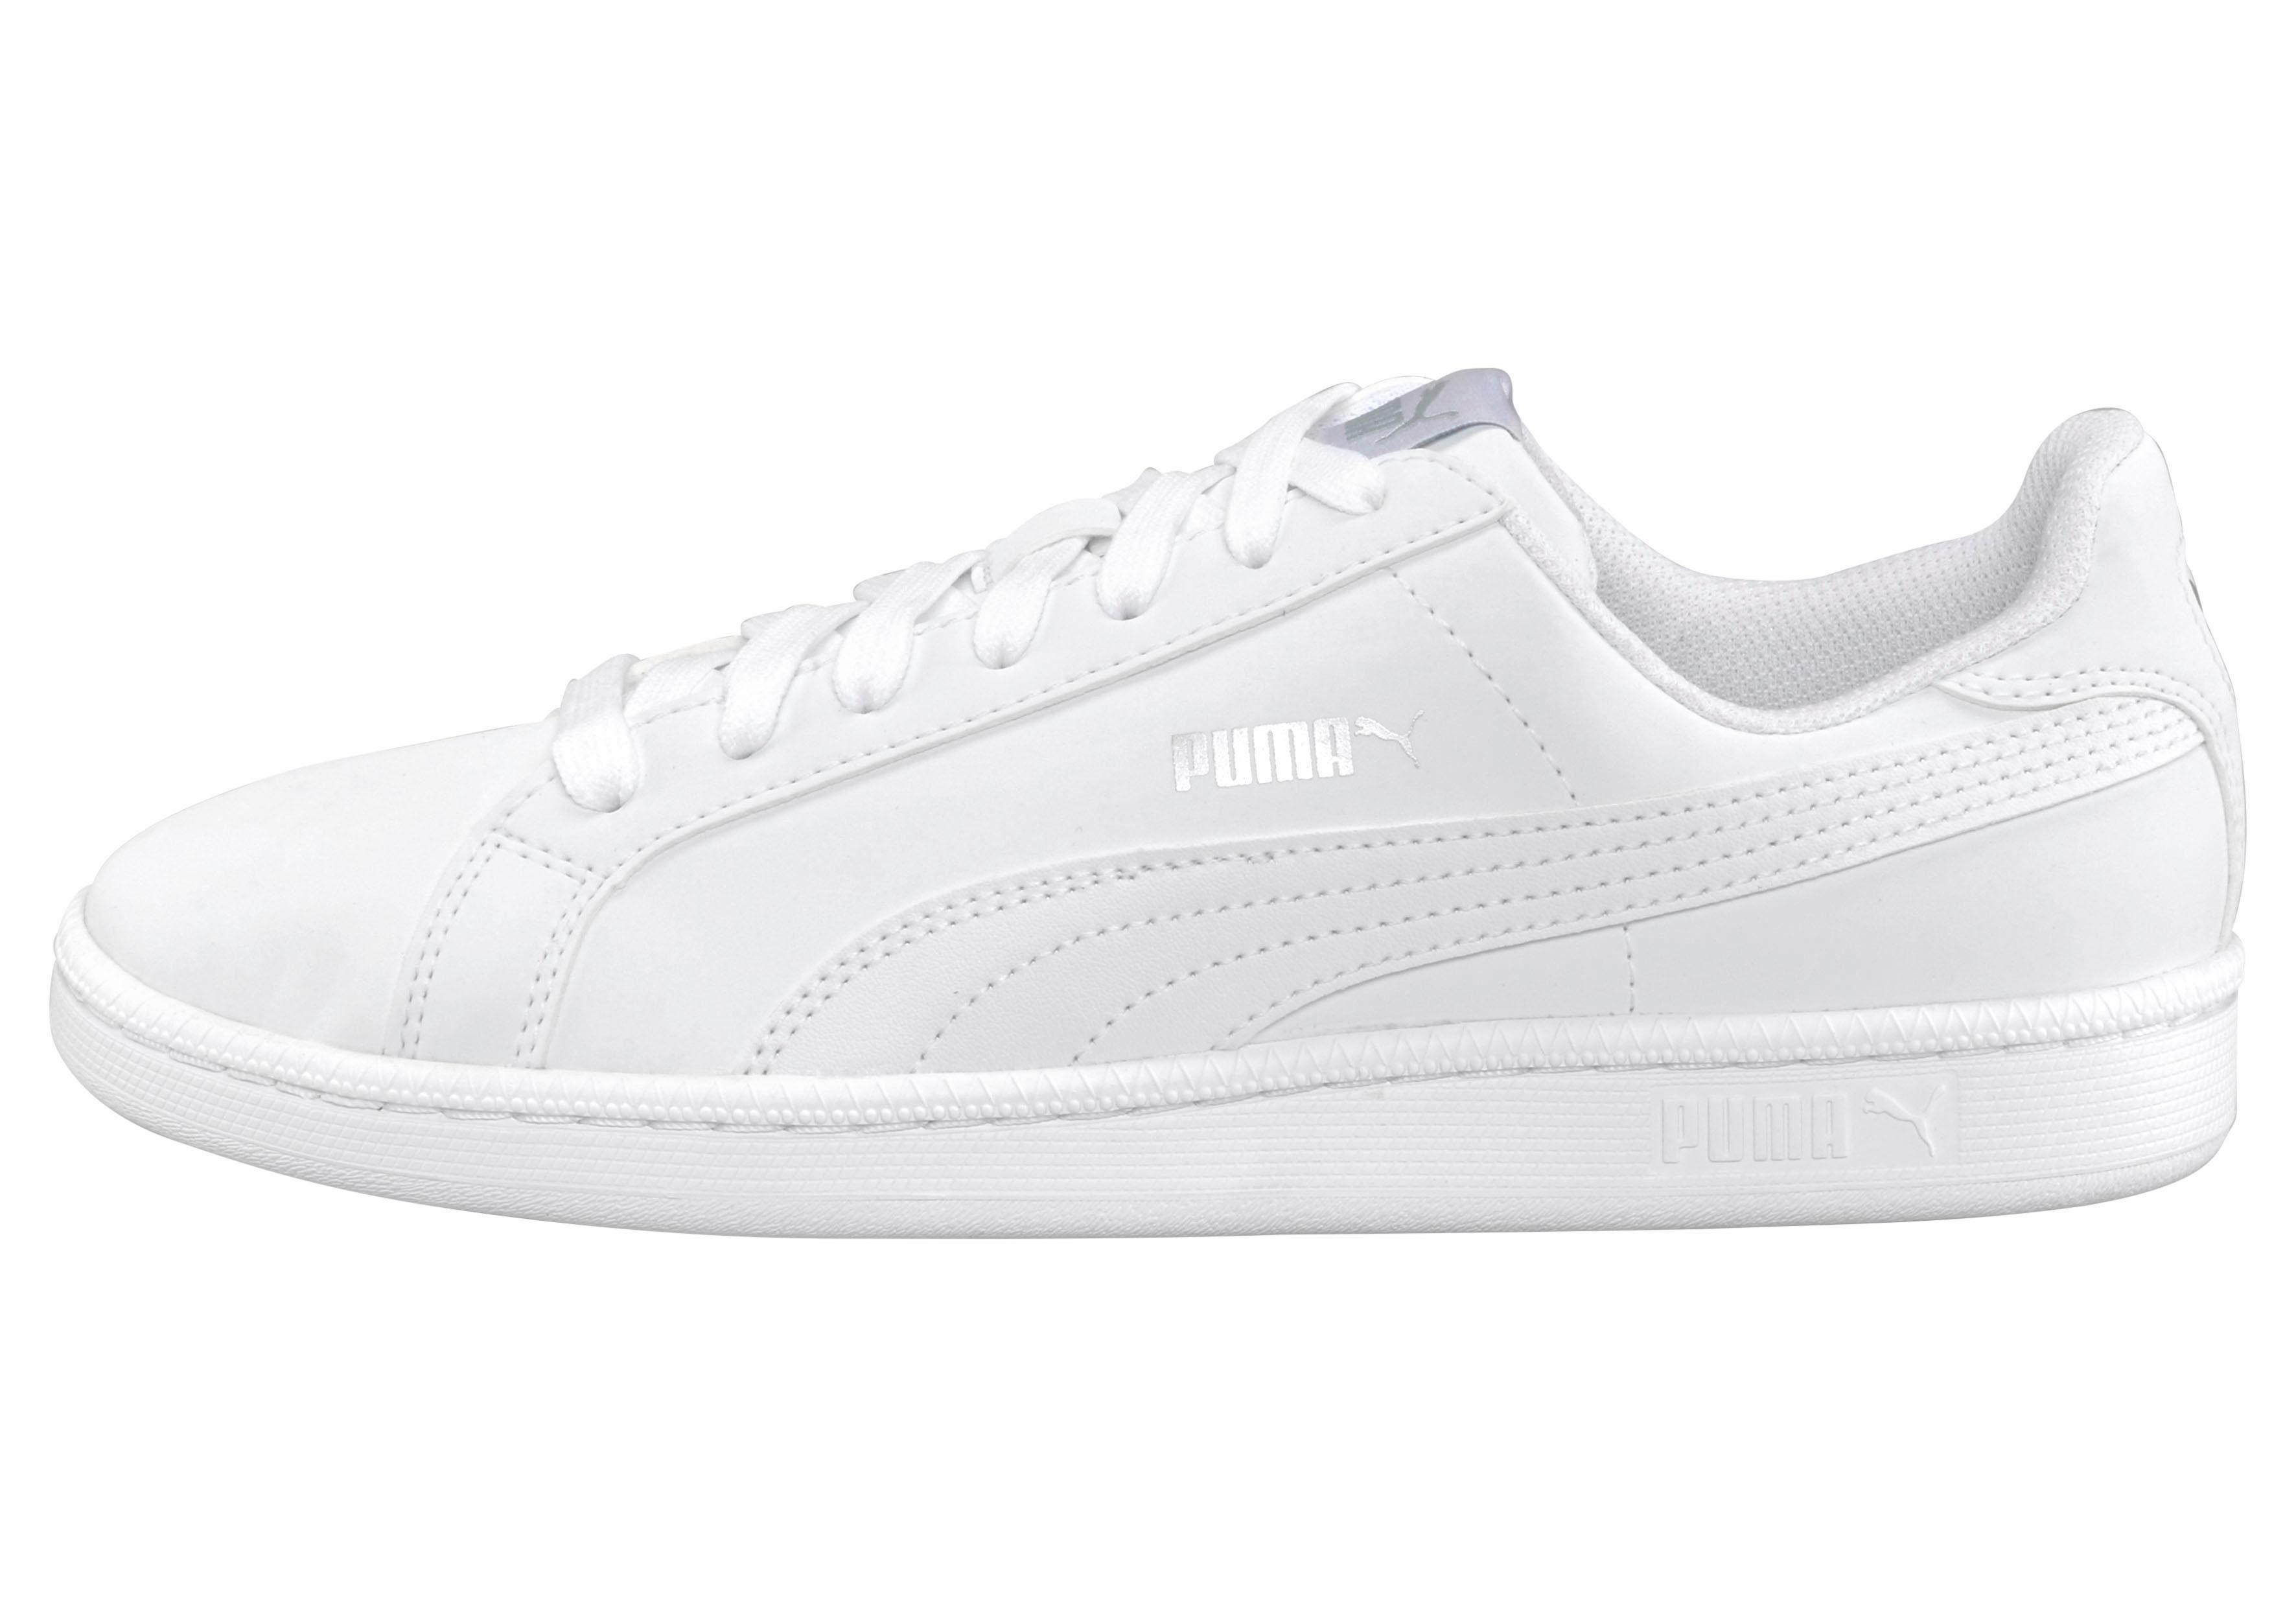 Chaussures Smash Blanc Puma Yjm0cFIu